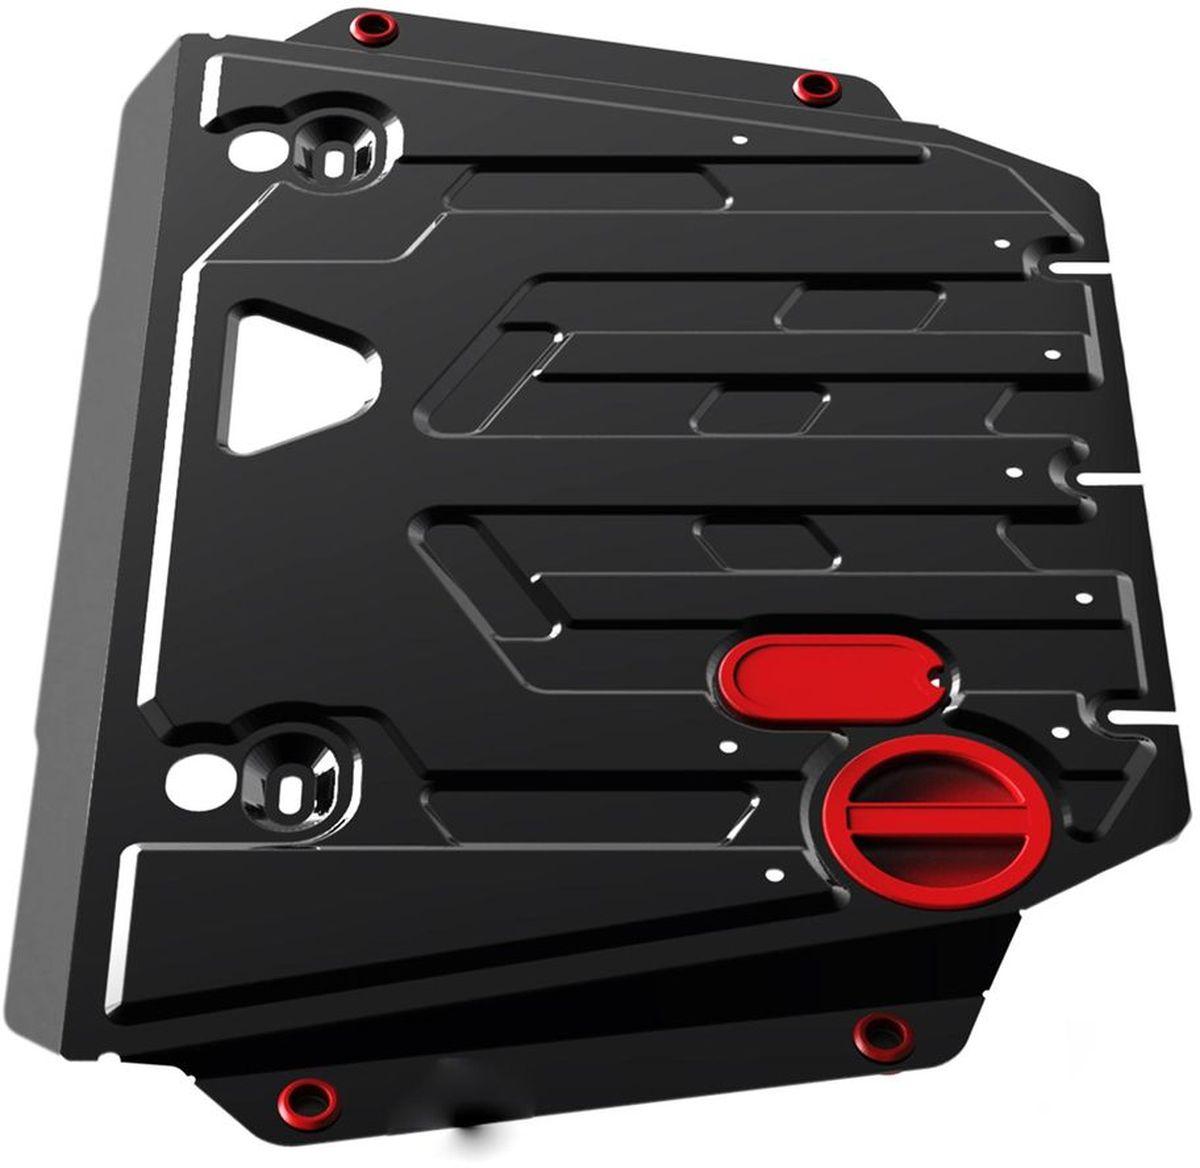 Защита картера и КПП Автоброня, для Chery Kimo (А1) V - 1,3 (2008-2013111.00903.2Технологически совершенный продукт за невысокую стоимость. Защита разработана с учетом особенностей днища автомобиля, что позволяет сохранить дорожный просвет с минимальным изменением. Защита устанавливается в штатные места кузова автомобиля. Глубокий штамп обеспечивает до двух раз больше жесткости в сравнении с обычной защитой той же толщины. Проштампованные ребра жесткости препятствуют деформации защиты при ударах. Тепловой зазор и вентиляционные отверстия обеспечивают сохранение температурного режима двигателя в норме. Скрытый крепеж предотвращает срыв крепежных элементов при наезде на препятствие. Шумопоглощающие резиновые элементы обеспечивают комфортную езду без вибраций и скрежета металла, а съемные лючки для слива масла и замены фильтра - экономию средств и время. Конструкция изделия не влияет на пассивную безопасность автомобиля (при ударе защита не воздействует на деформационные зоны кузова). Со штатным крепежом. В комплекте инструкция по установке....